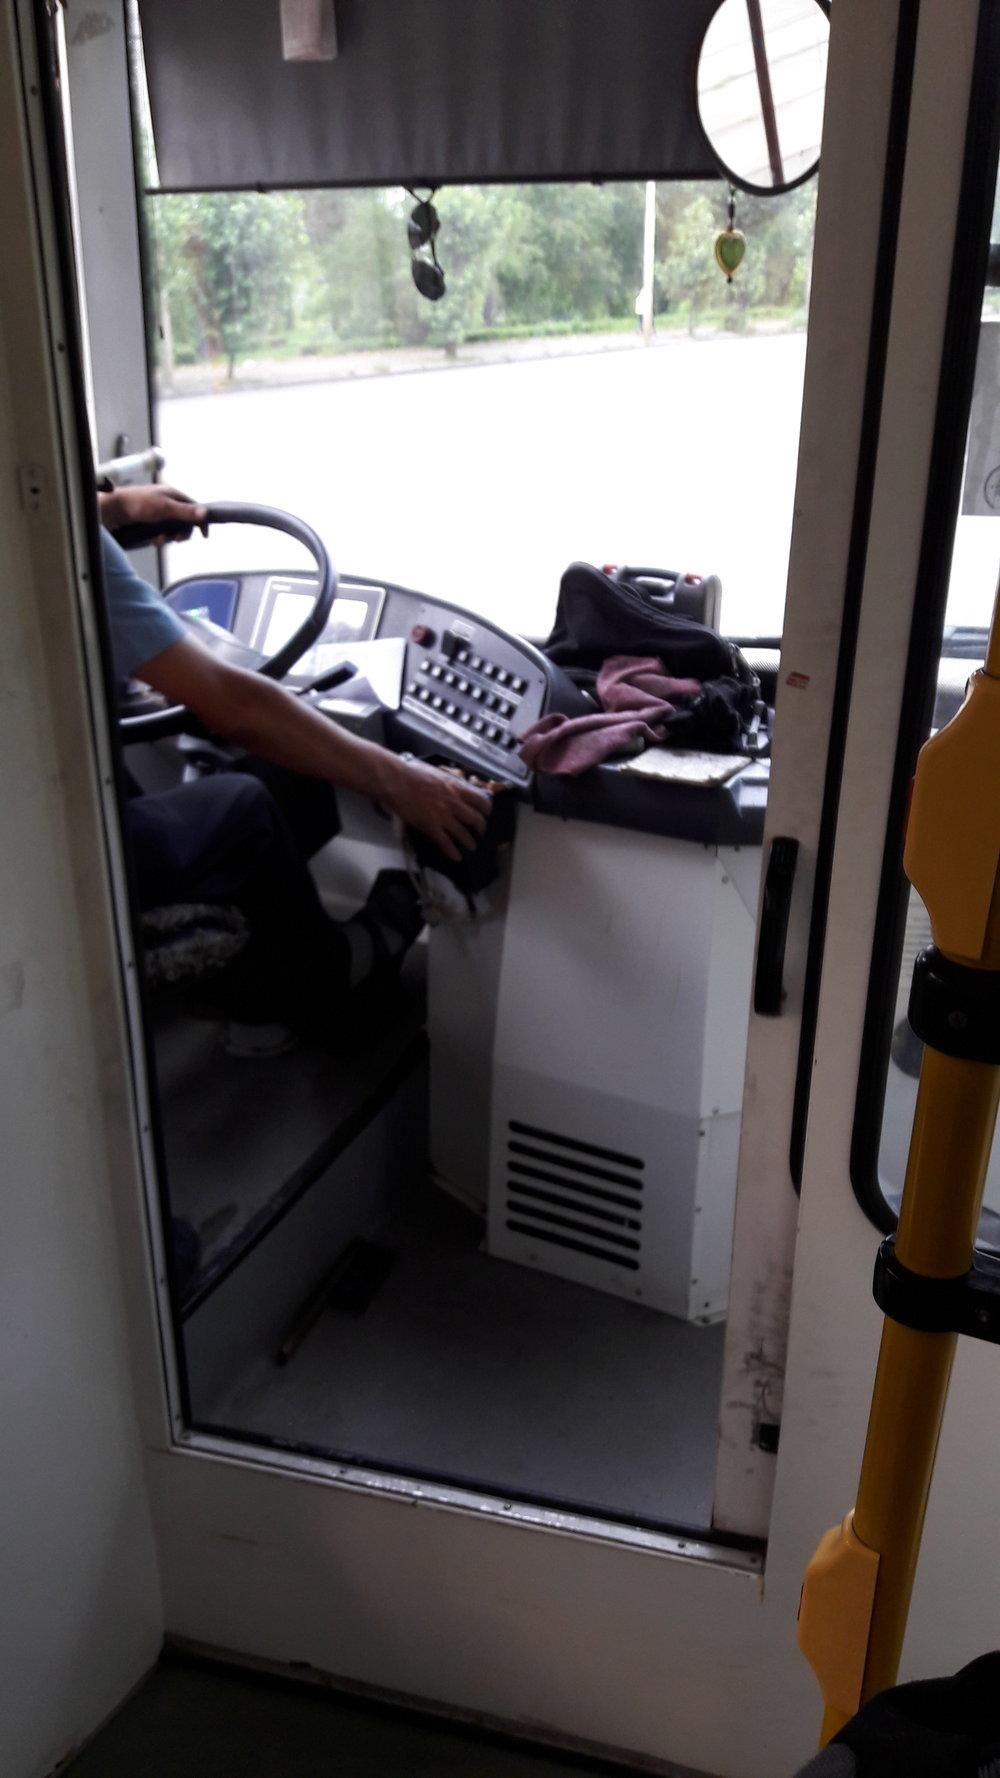 Kabina řidiče vtrolejbuse Trolza.